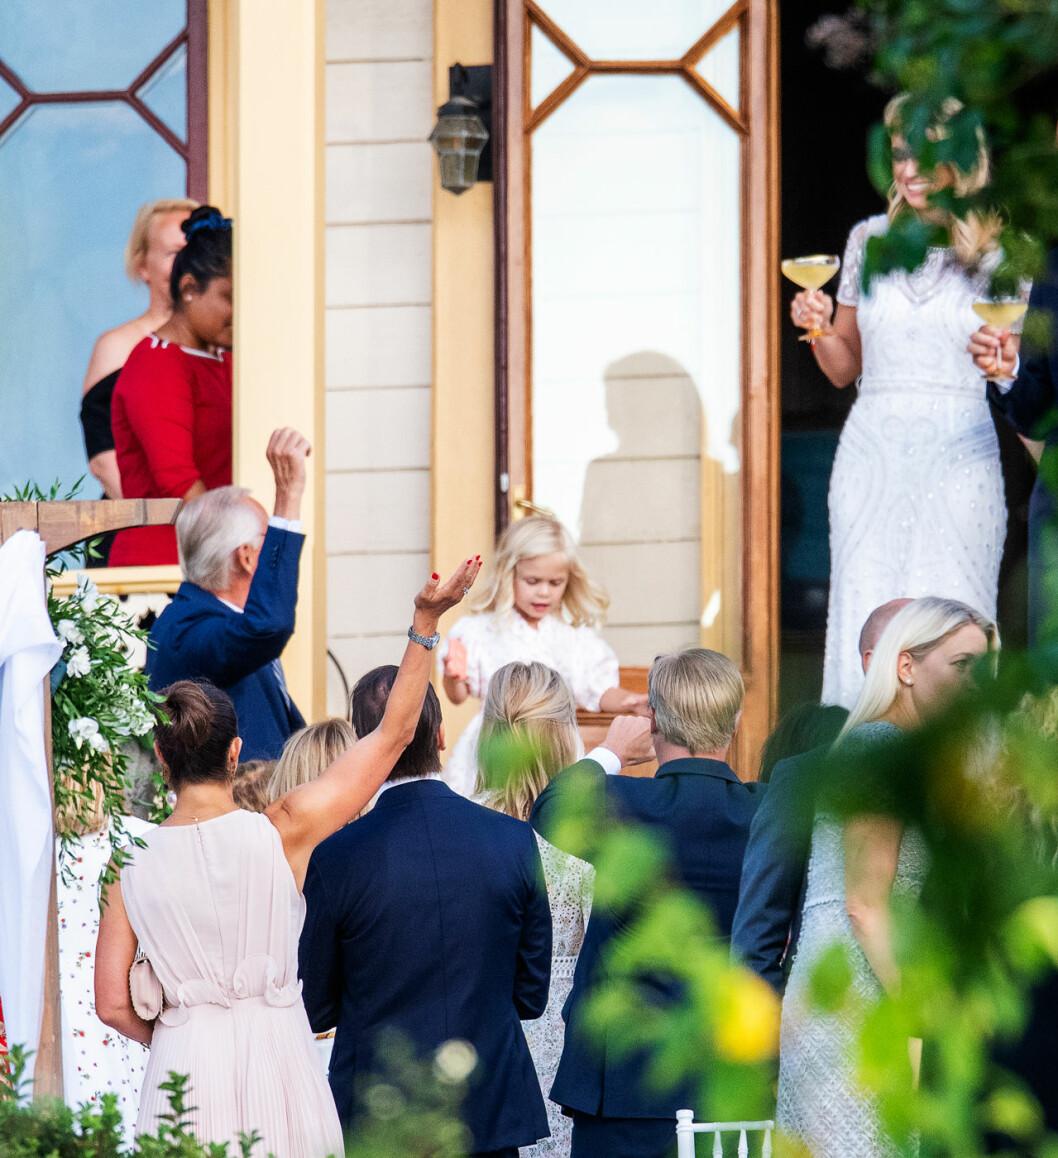 Kronprinsessan Victoria och prins Daniel på Andrea Brodins bröllop